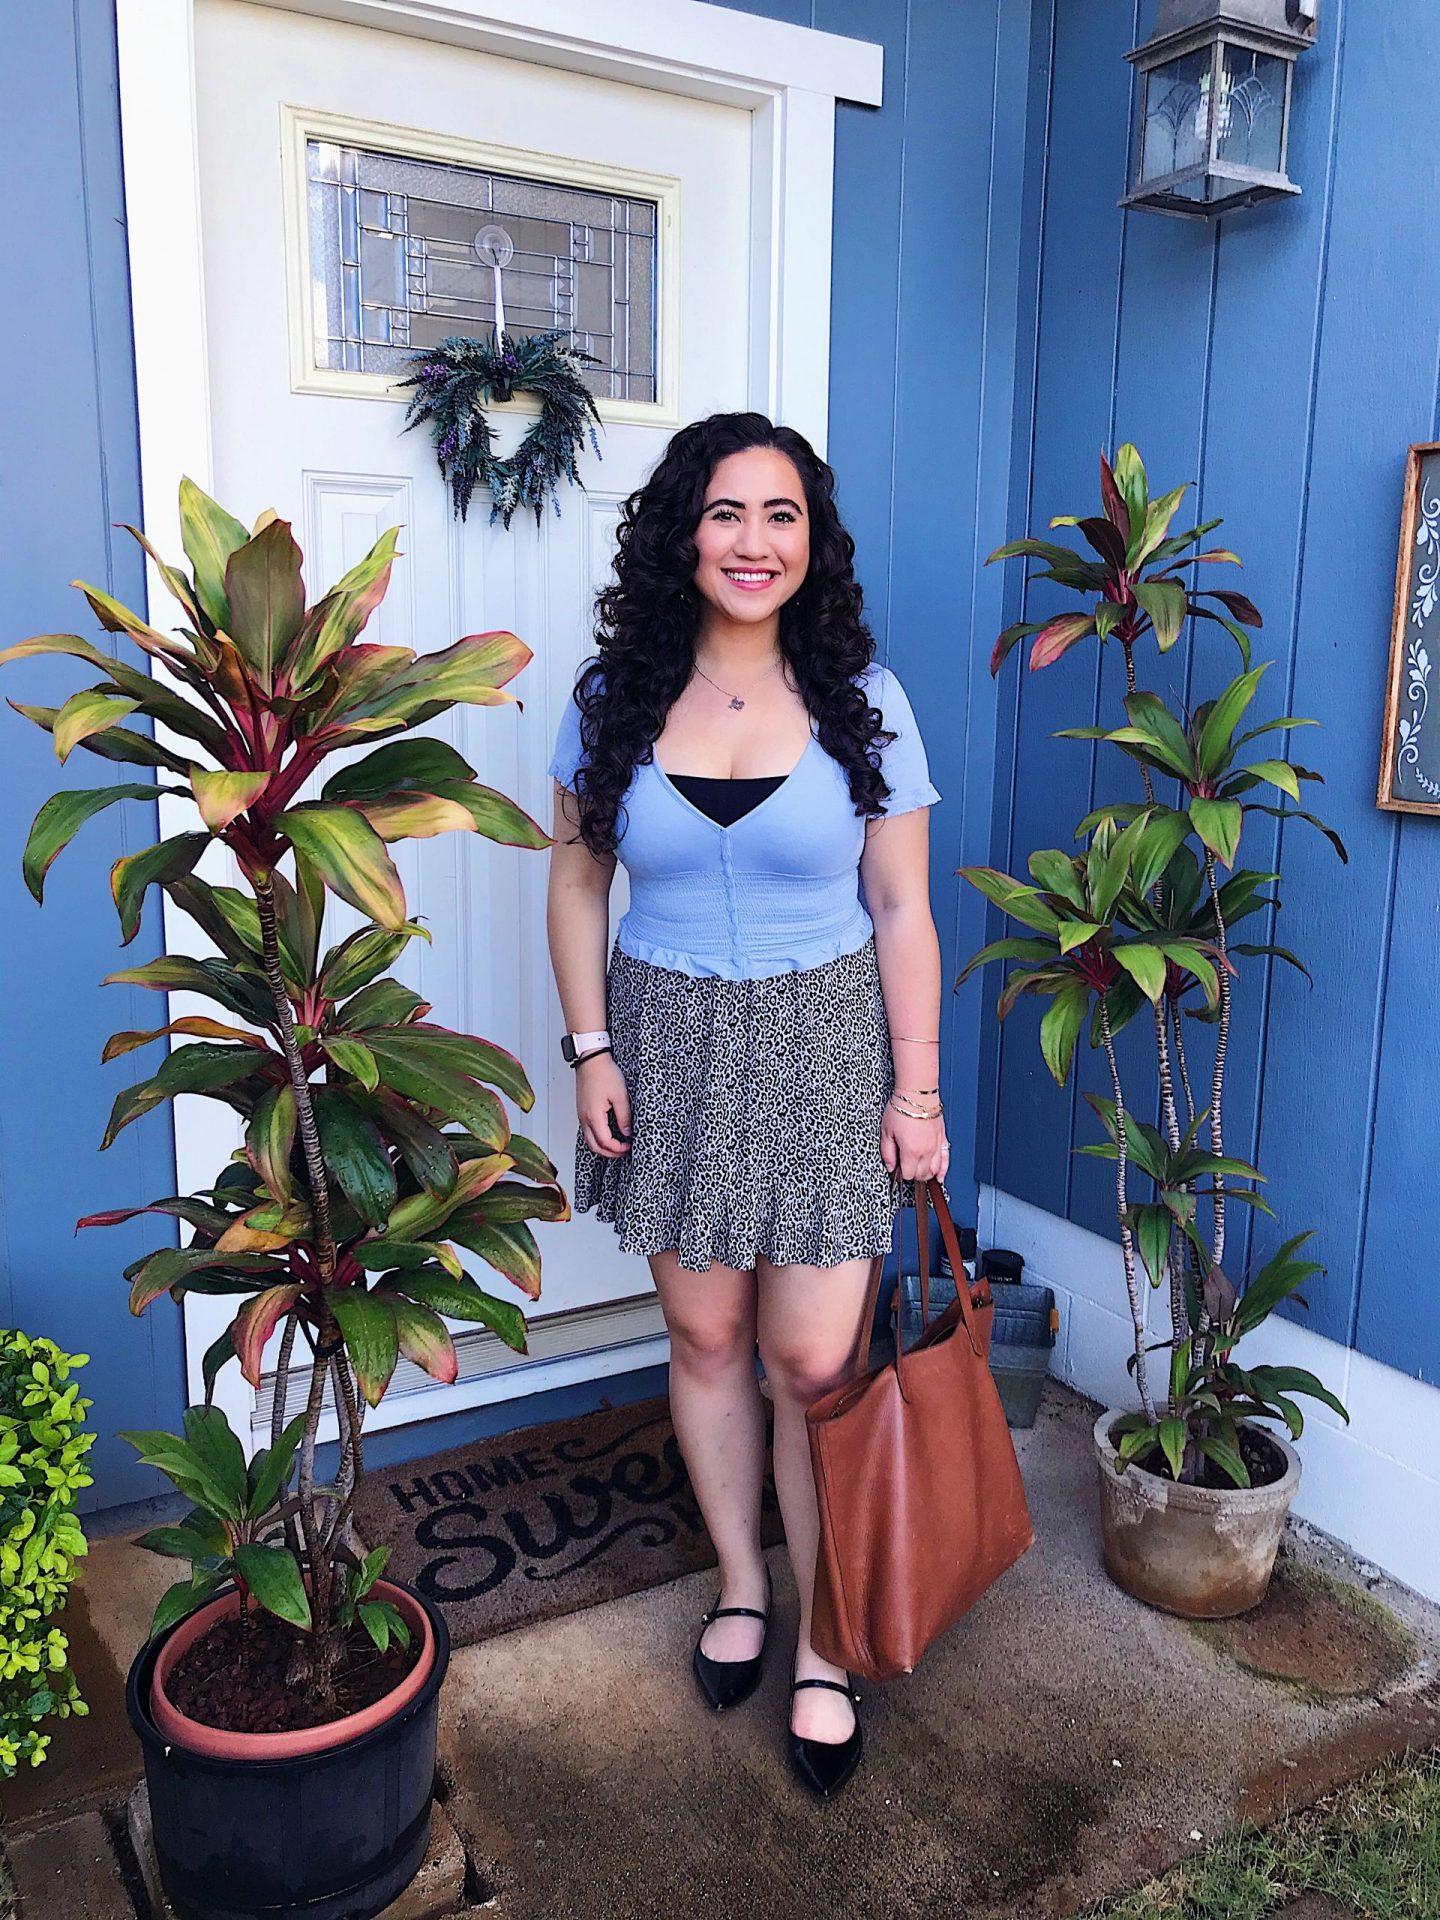 Blue crop top and leopard miniskirt